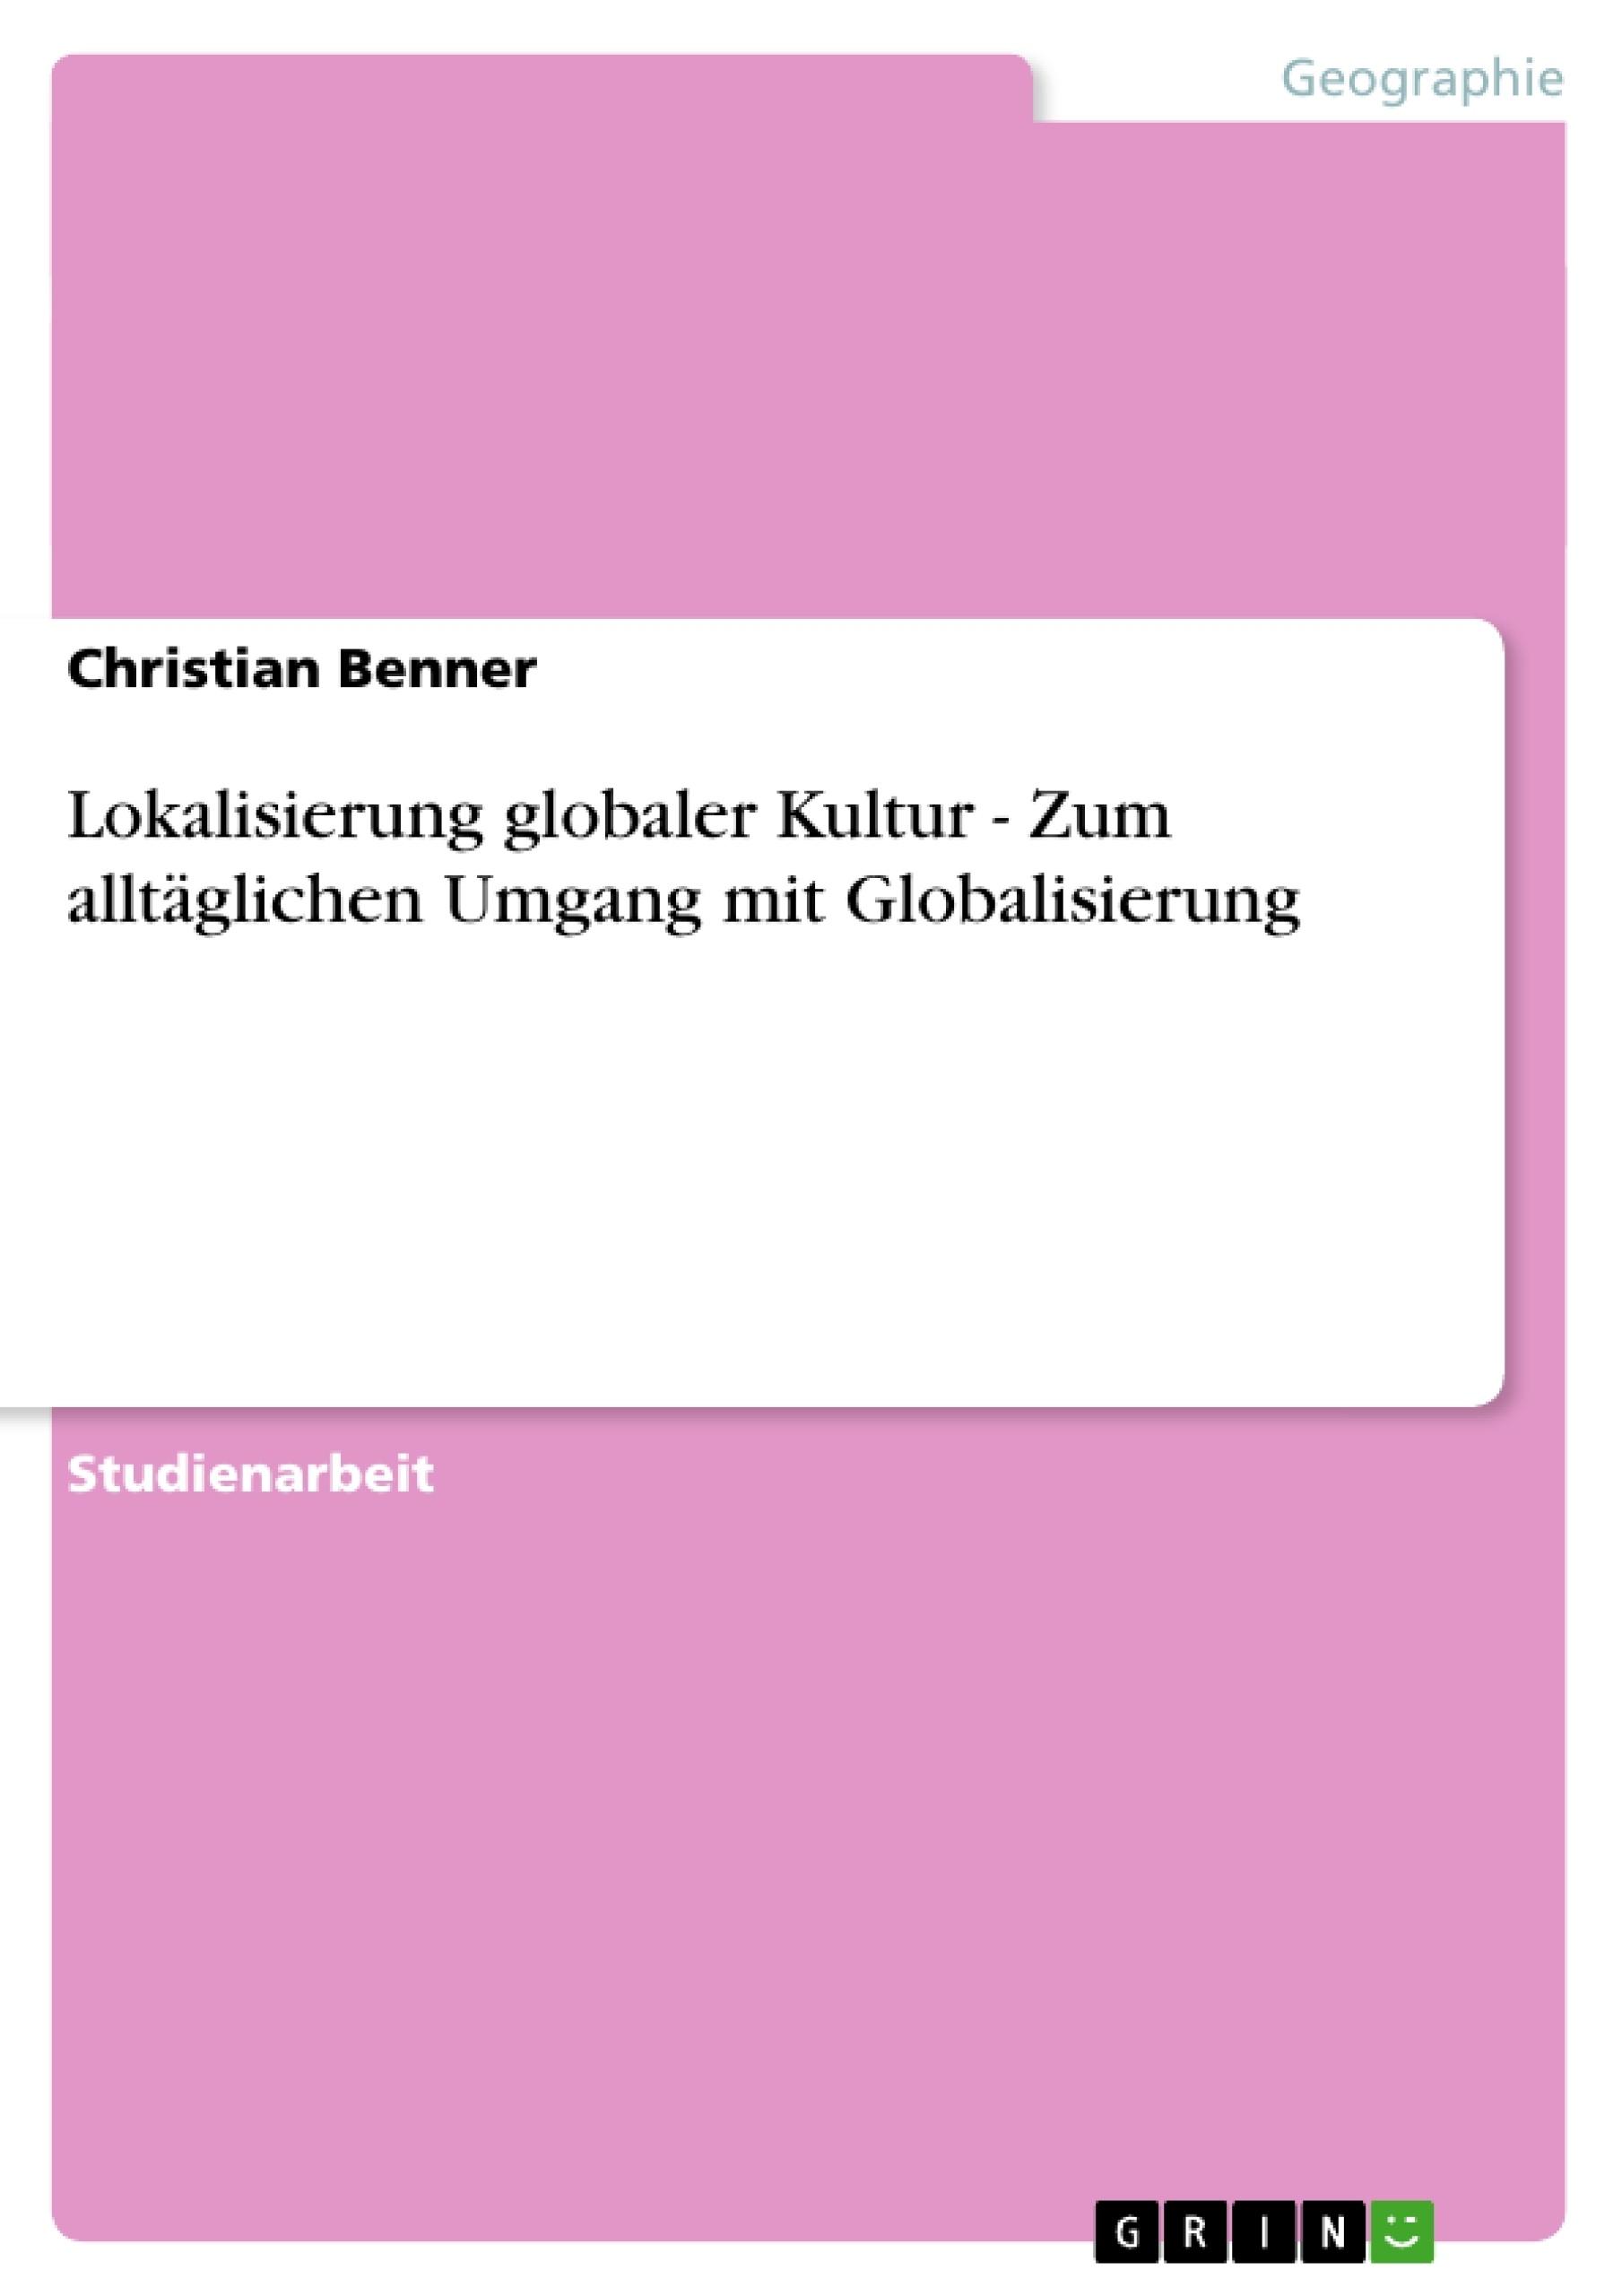 Titel: Lokalisierung globaler Kultur - Zum alltäglichen Umgang mit Globalisierung